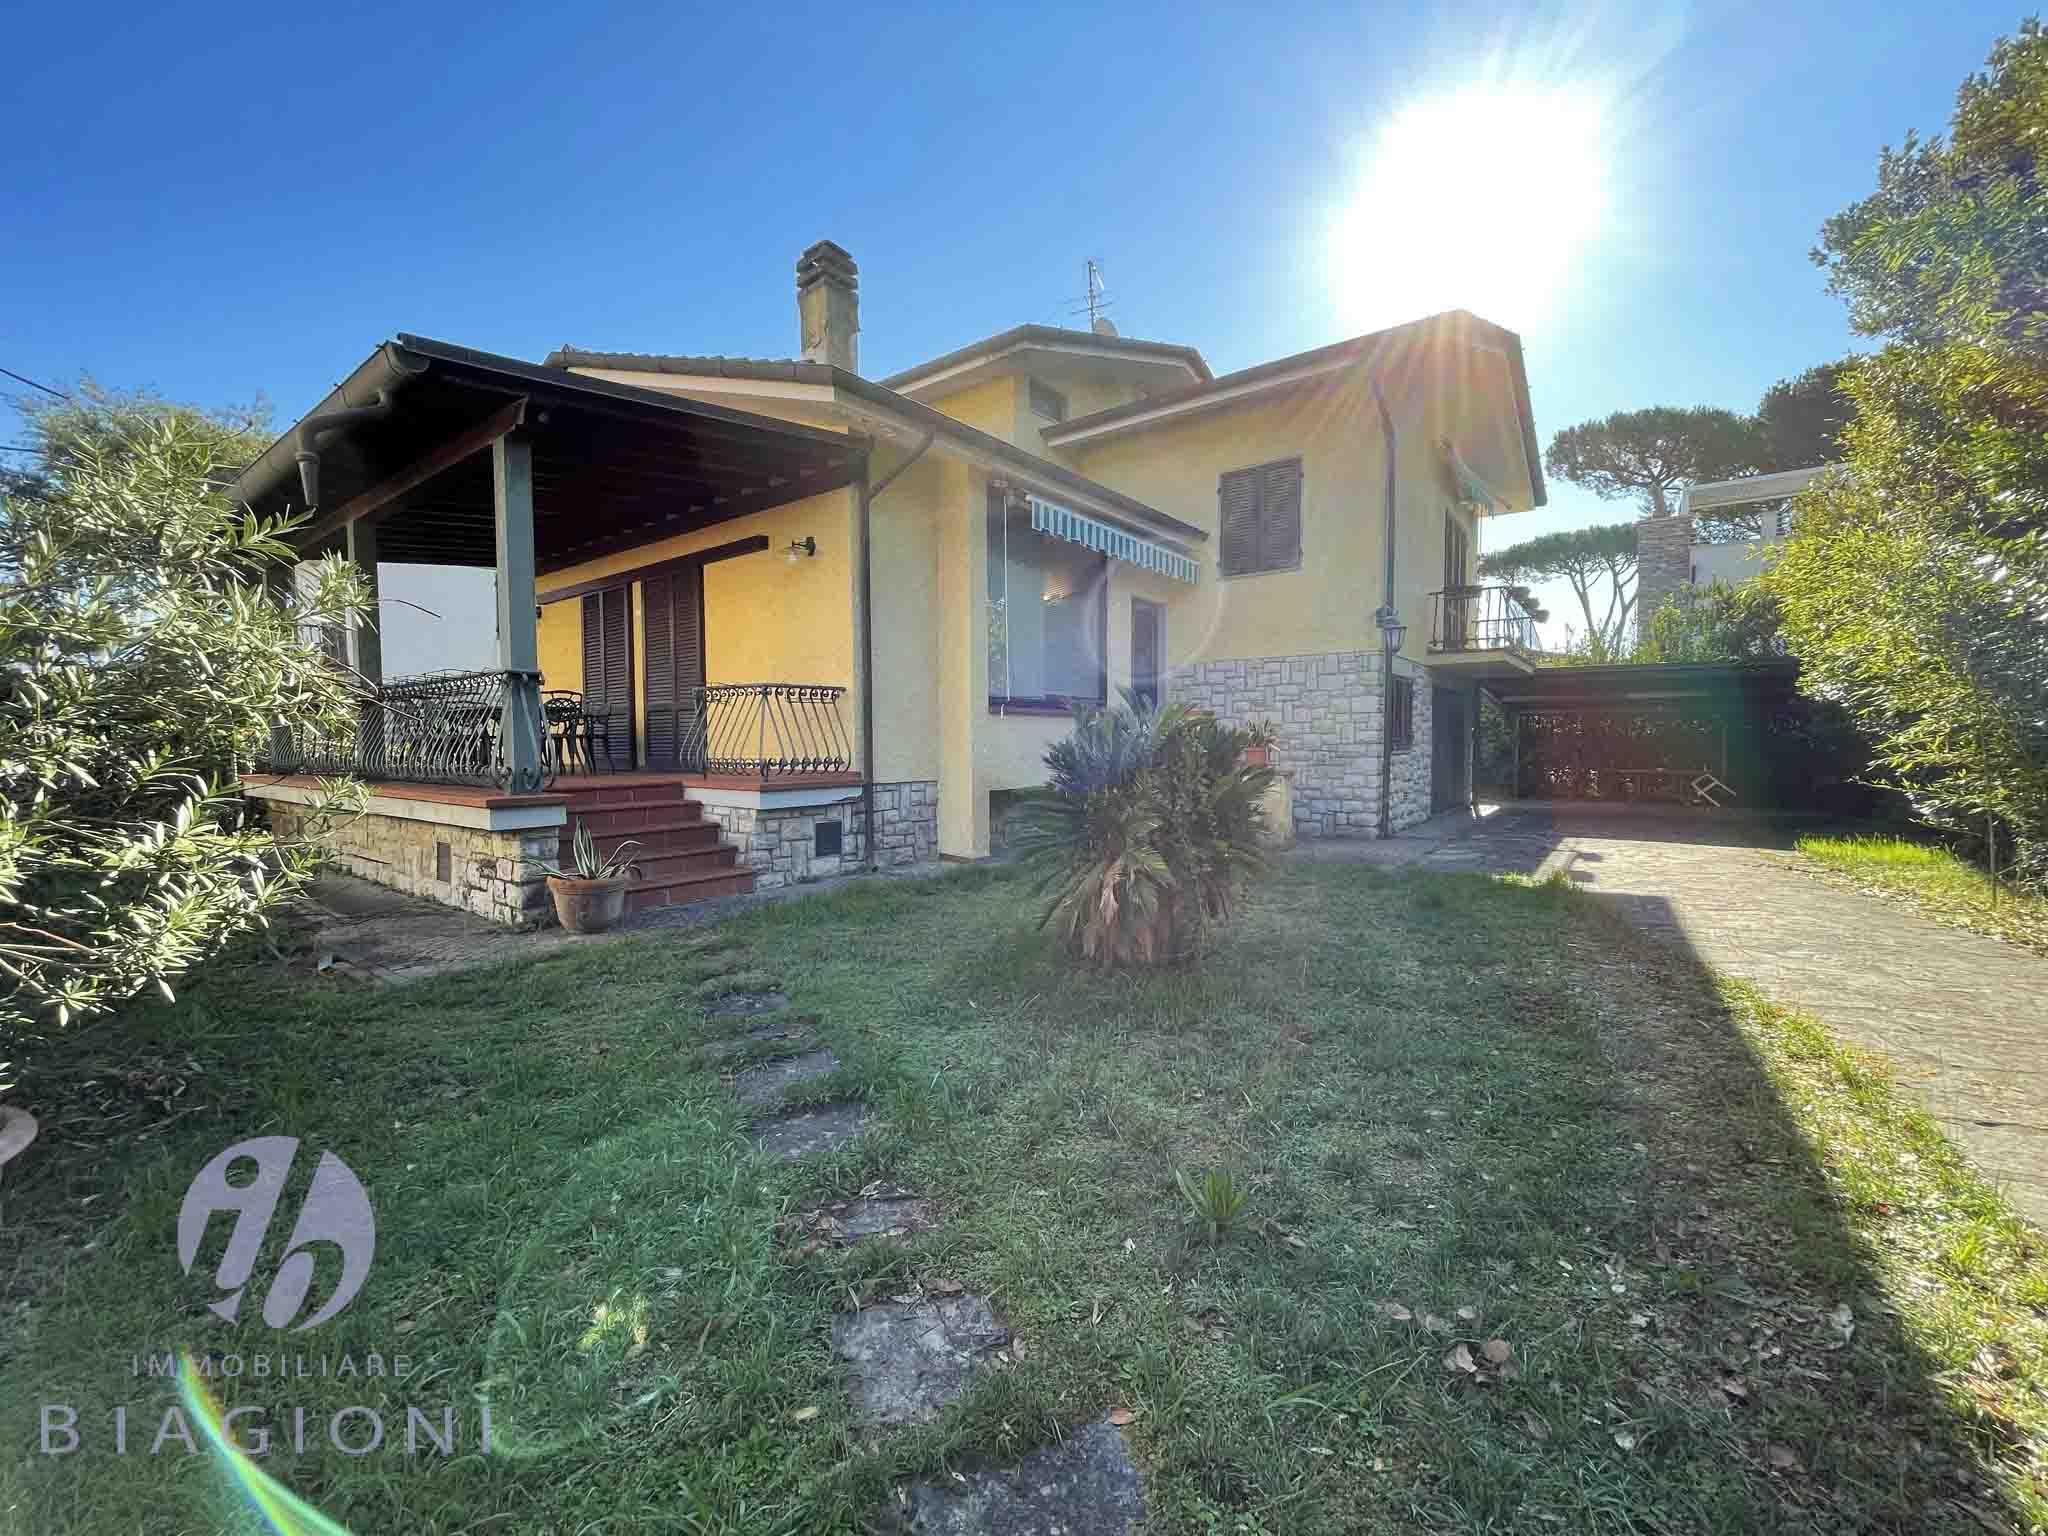 Villa-Tonfano